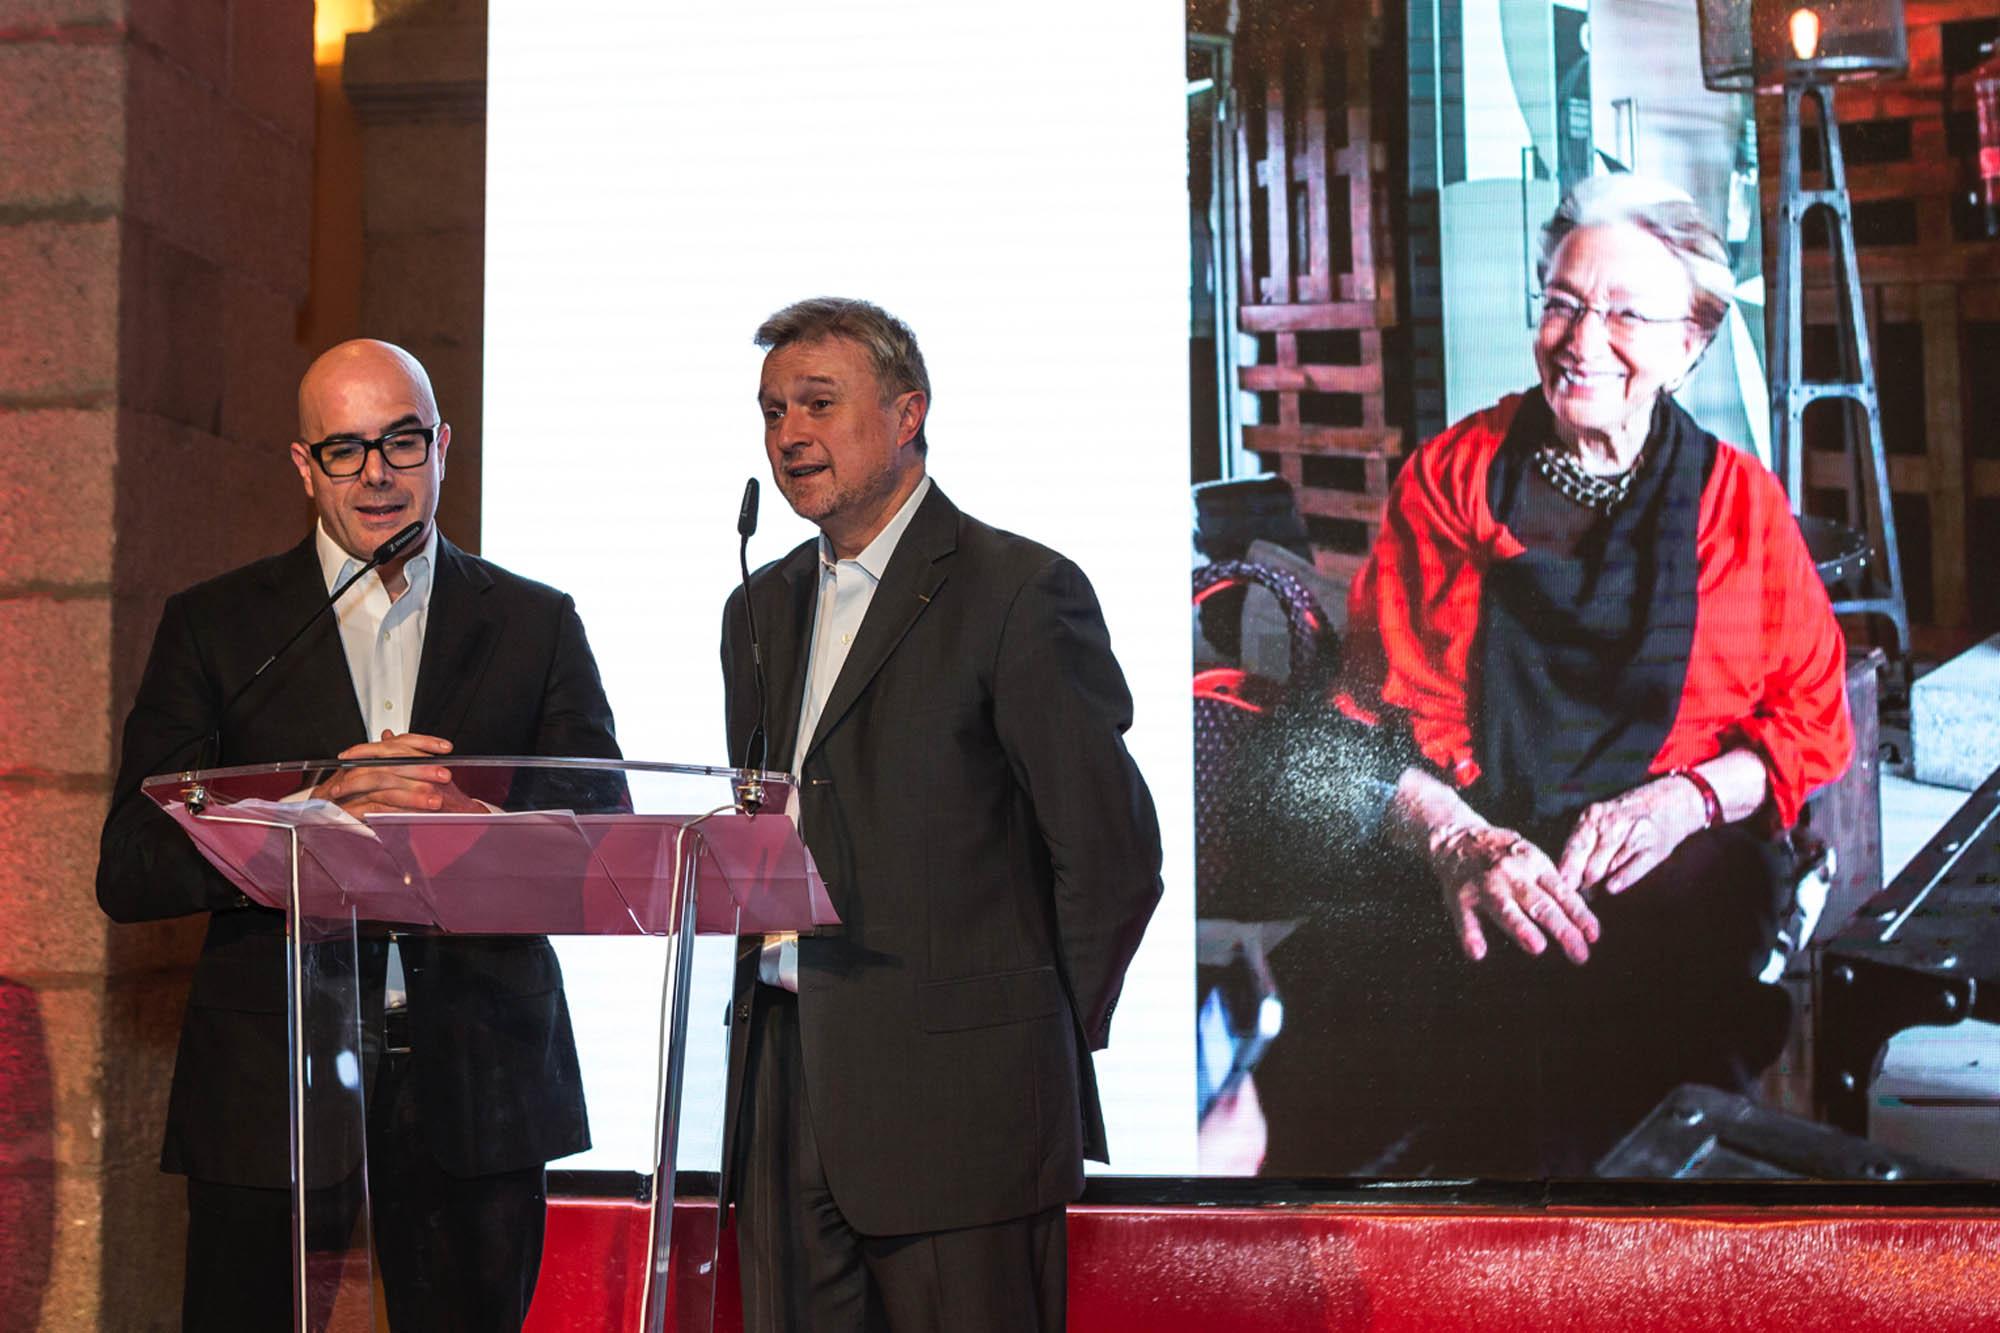 Los presentadores anuncian el premio a toda una vida a la fundadora de 'Alambique', Clara María González de Amezúa.